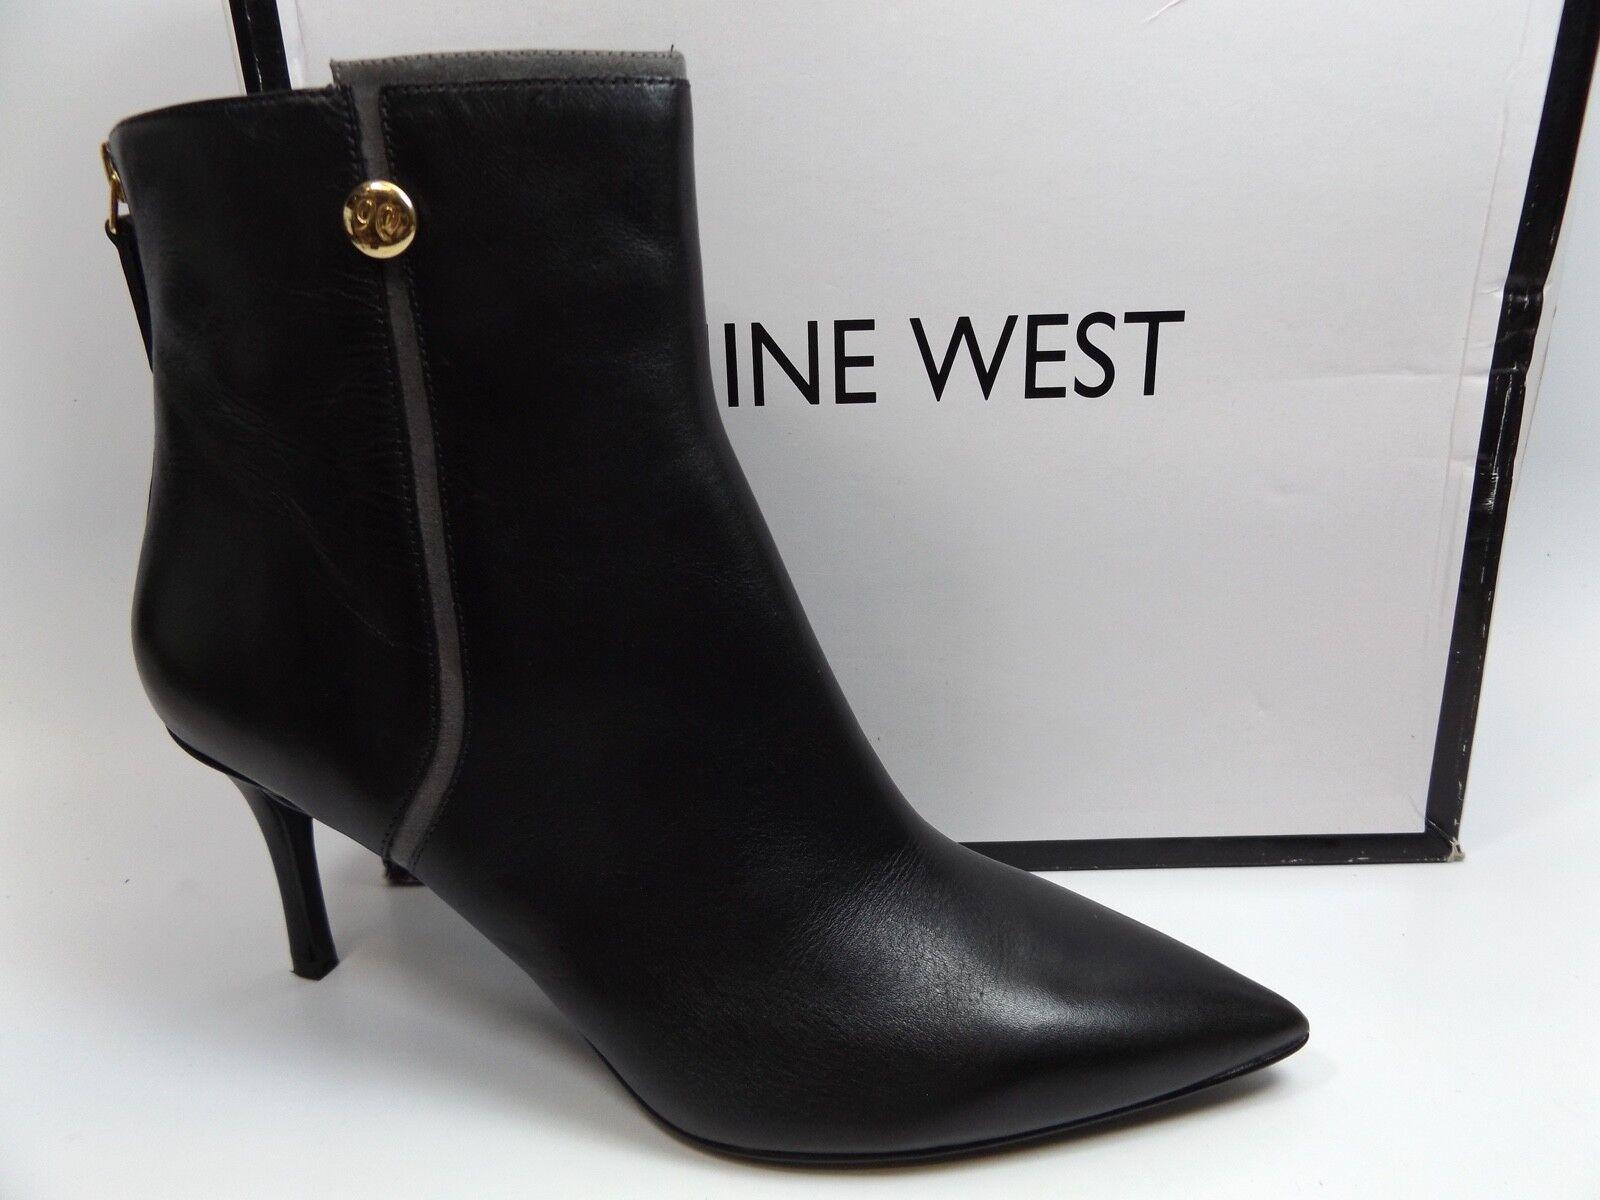 Nine West Para Mujer Monzón Botín Talla 9.5 M, M, M, Pantalla De Cuero Negro, Nuevo, D8829  bajo precio del 40%